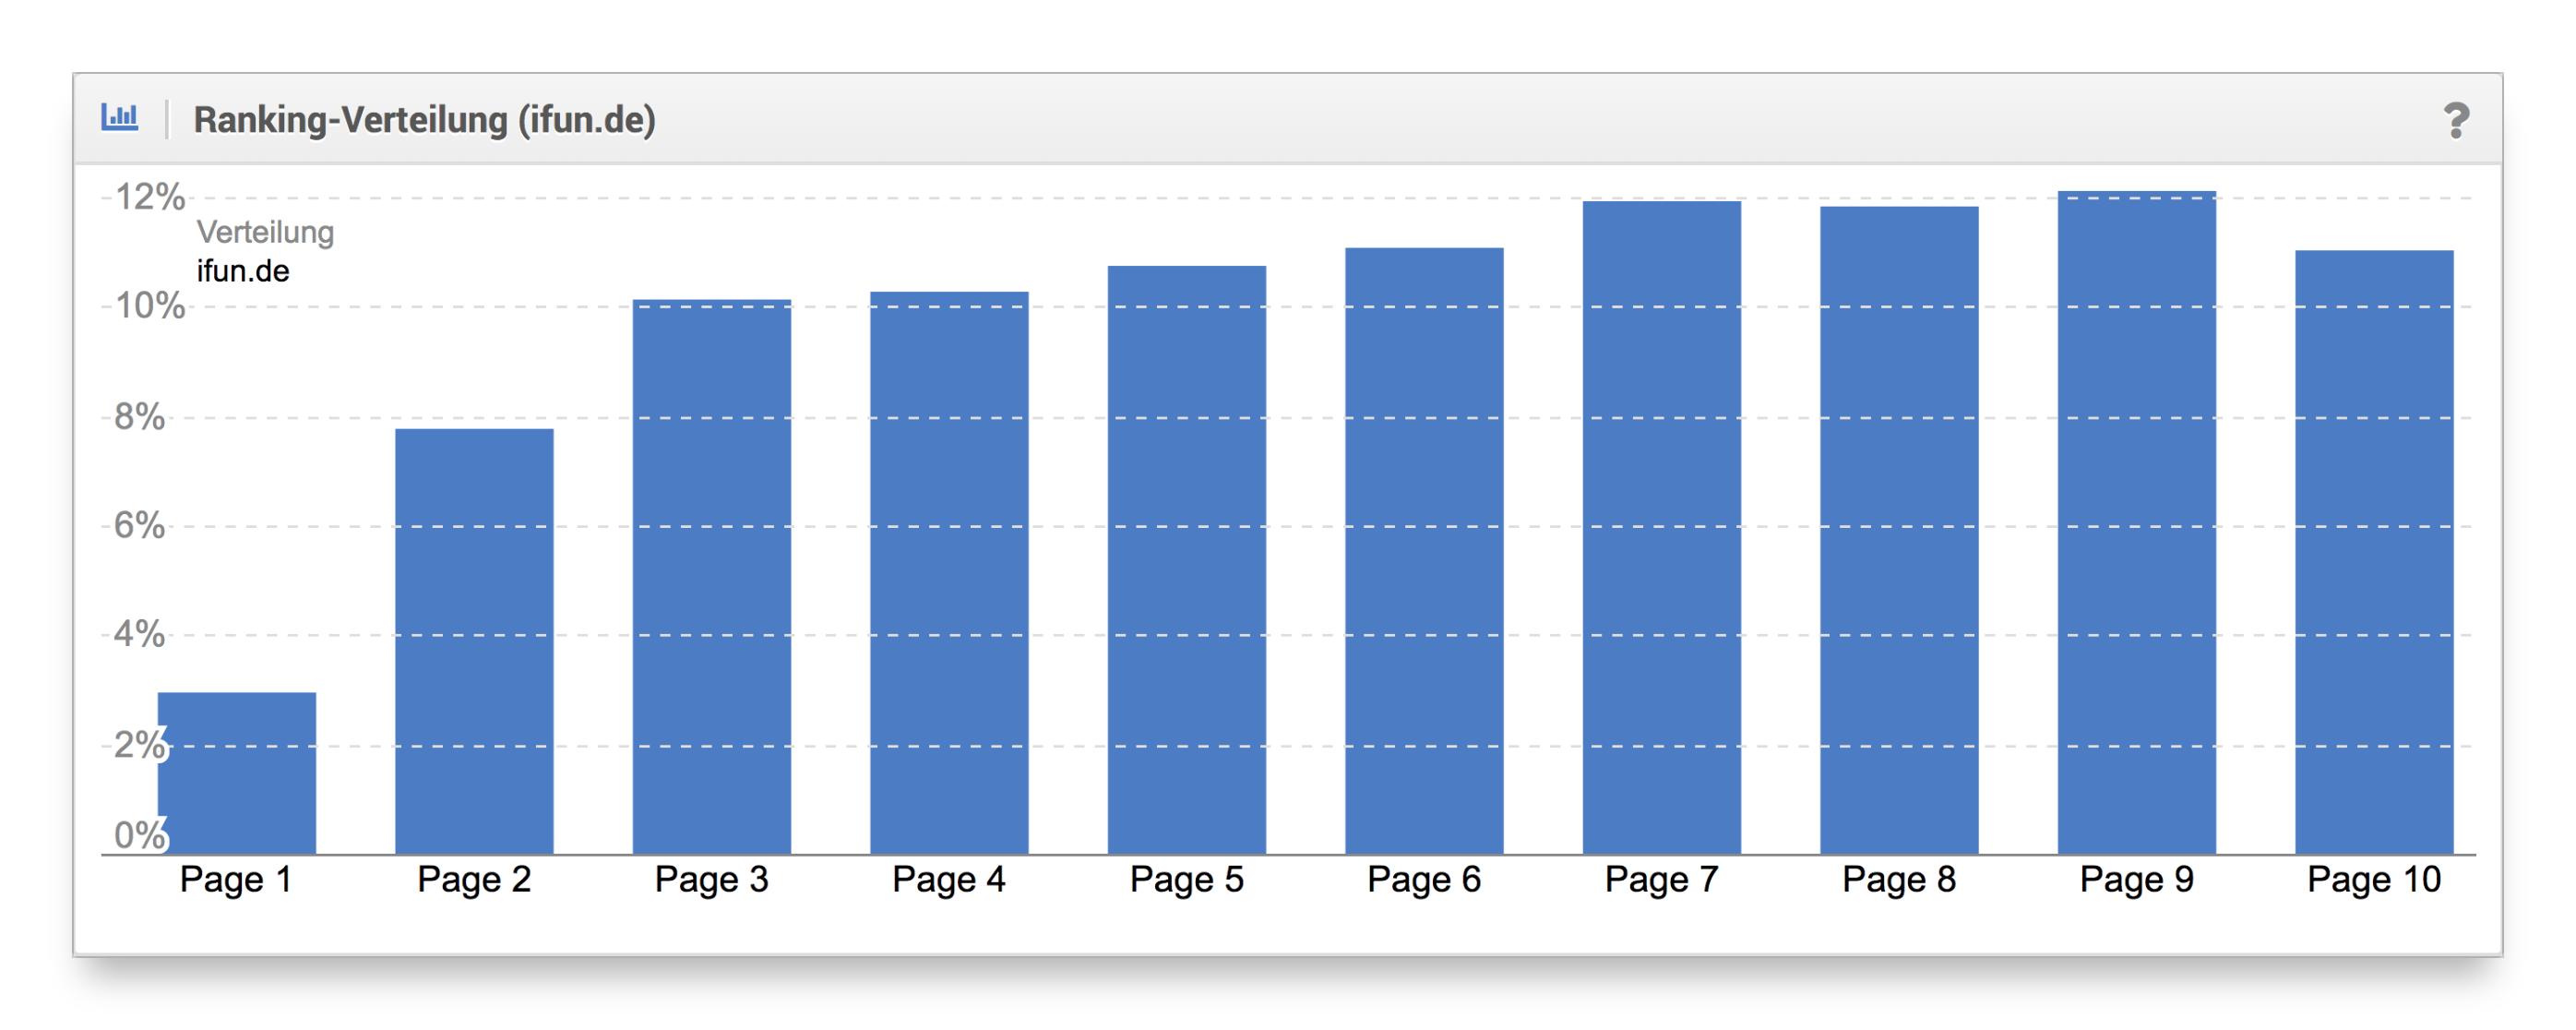 Ranking-Verteilung Blog ifun